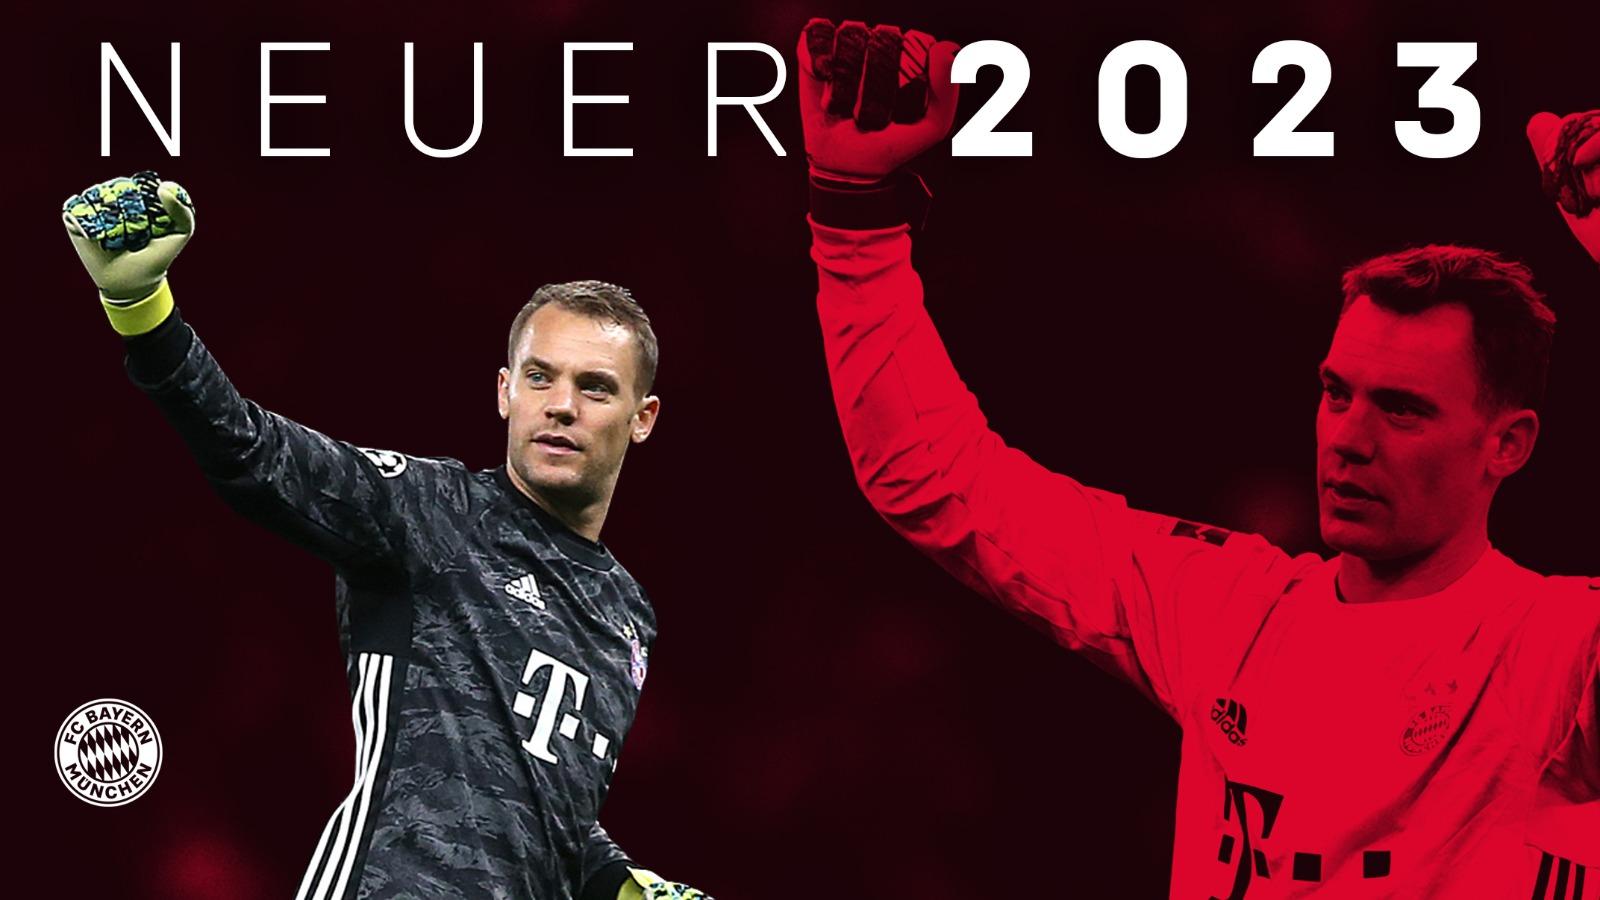 Neuer Signs New Bayern Contract - Bóng Đá